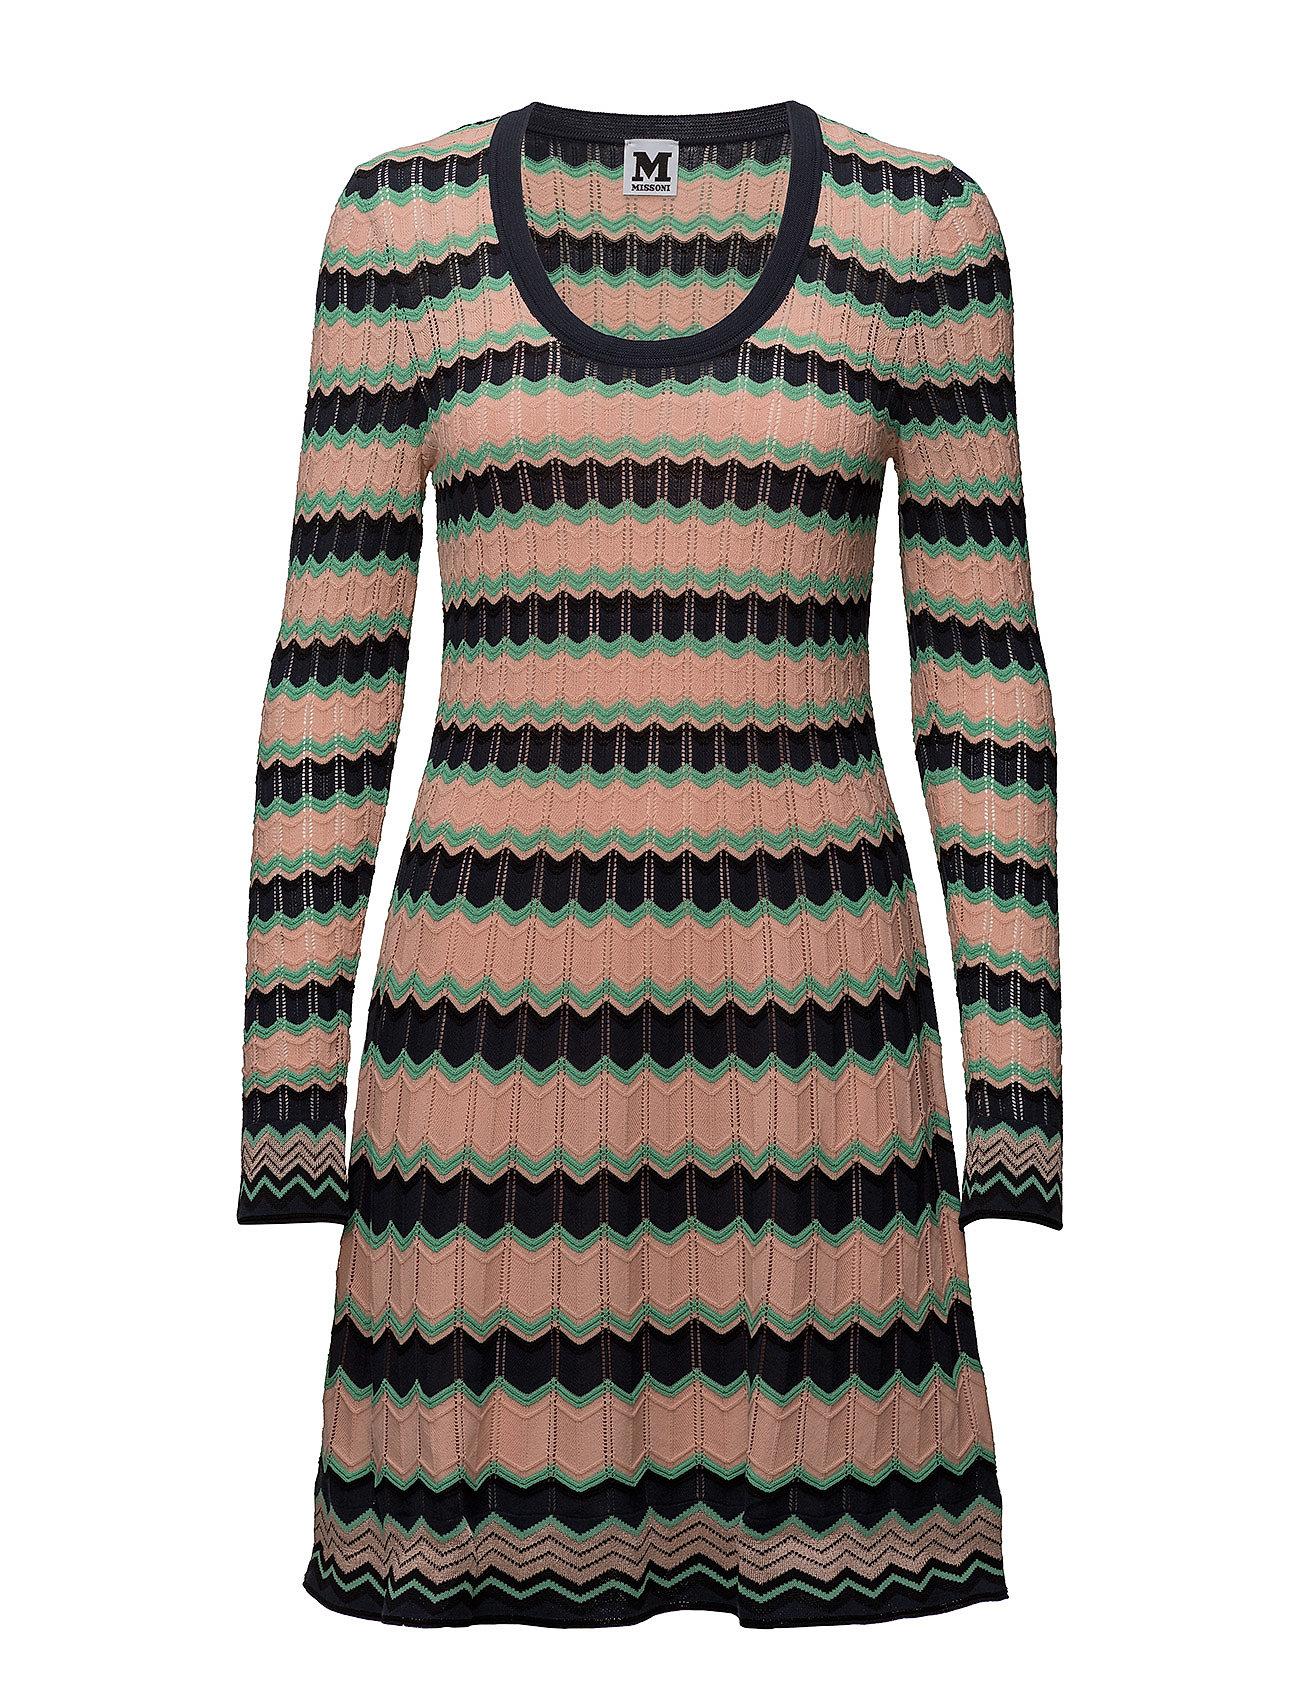 Image of M Missoni Dress Knælang Kjole Multi/mønstret M Missoni (3271715203)